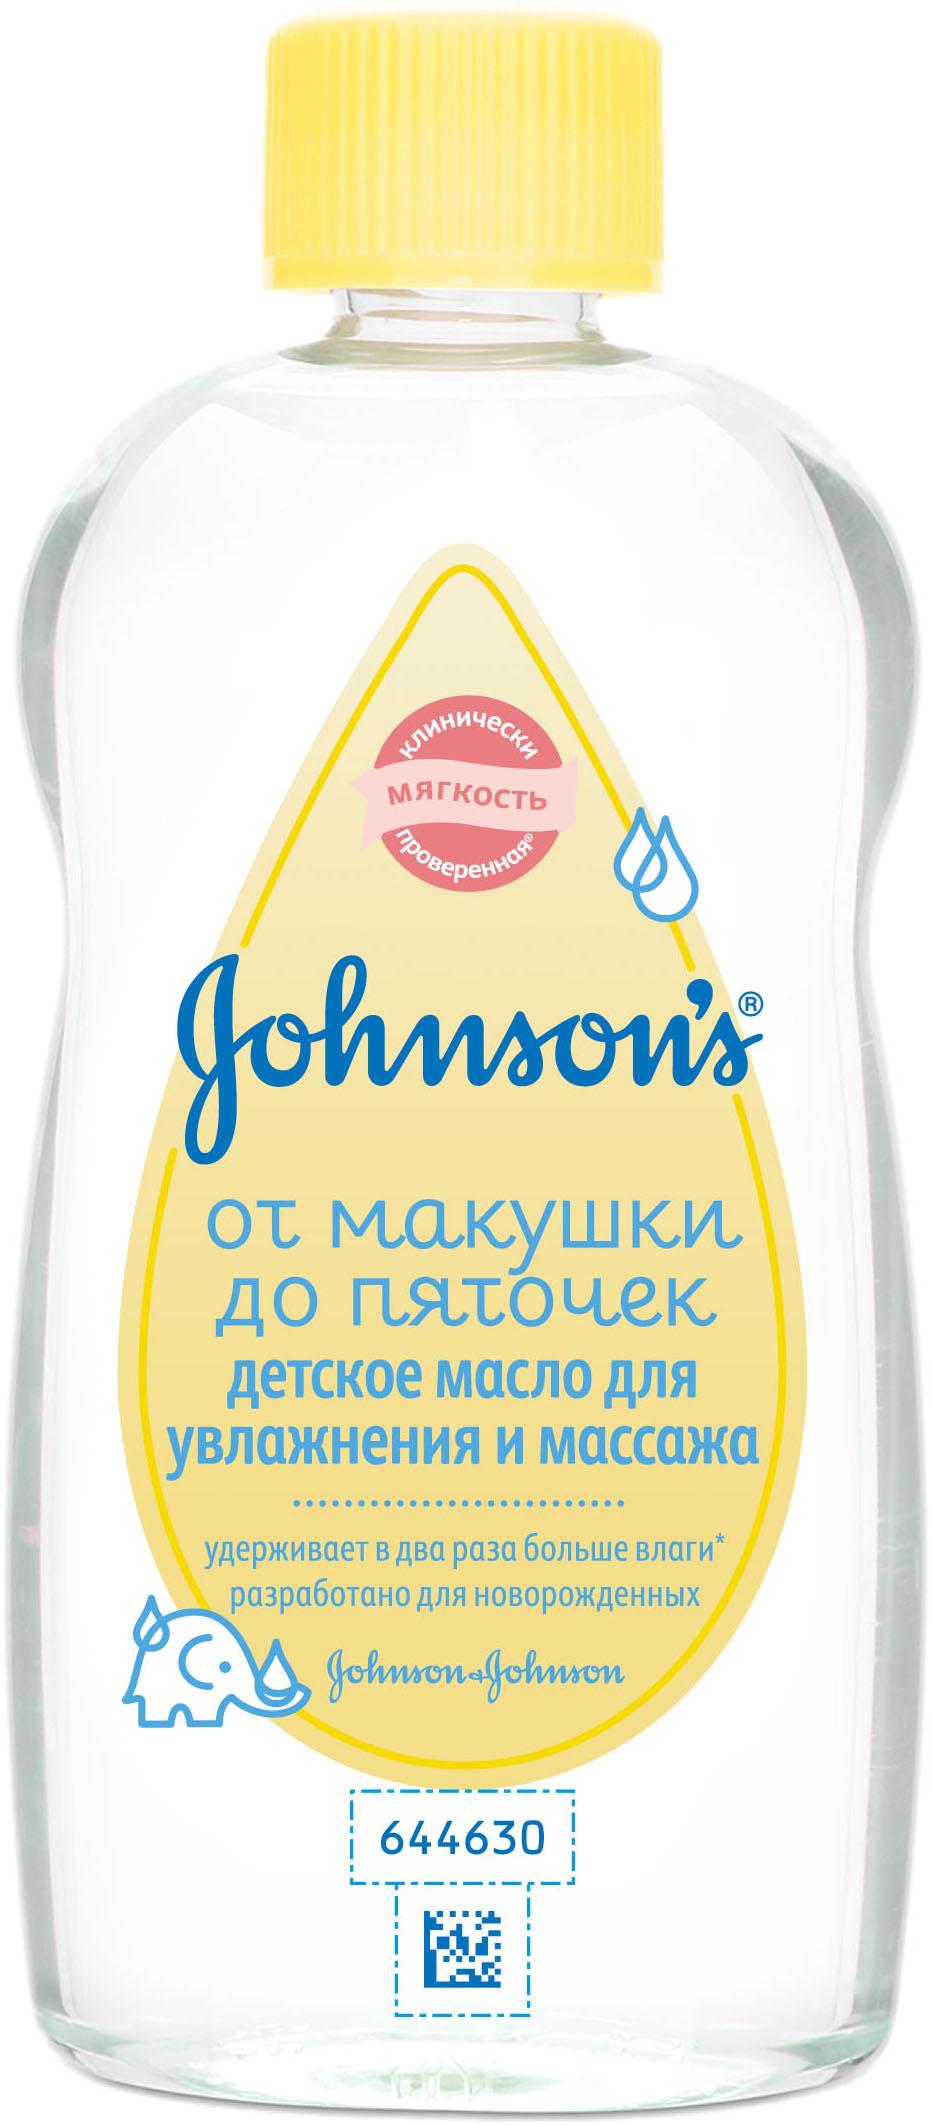 Масло и молочко Johnson's baby для увлажнения и массажа «От макушки до пяточек» 200 мл свобода детское масло для ежедневного ухода и массажа disney baby свобода